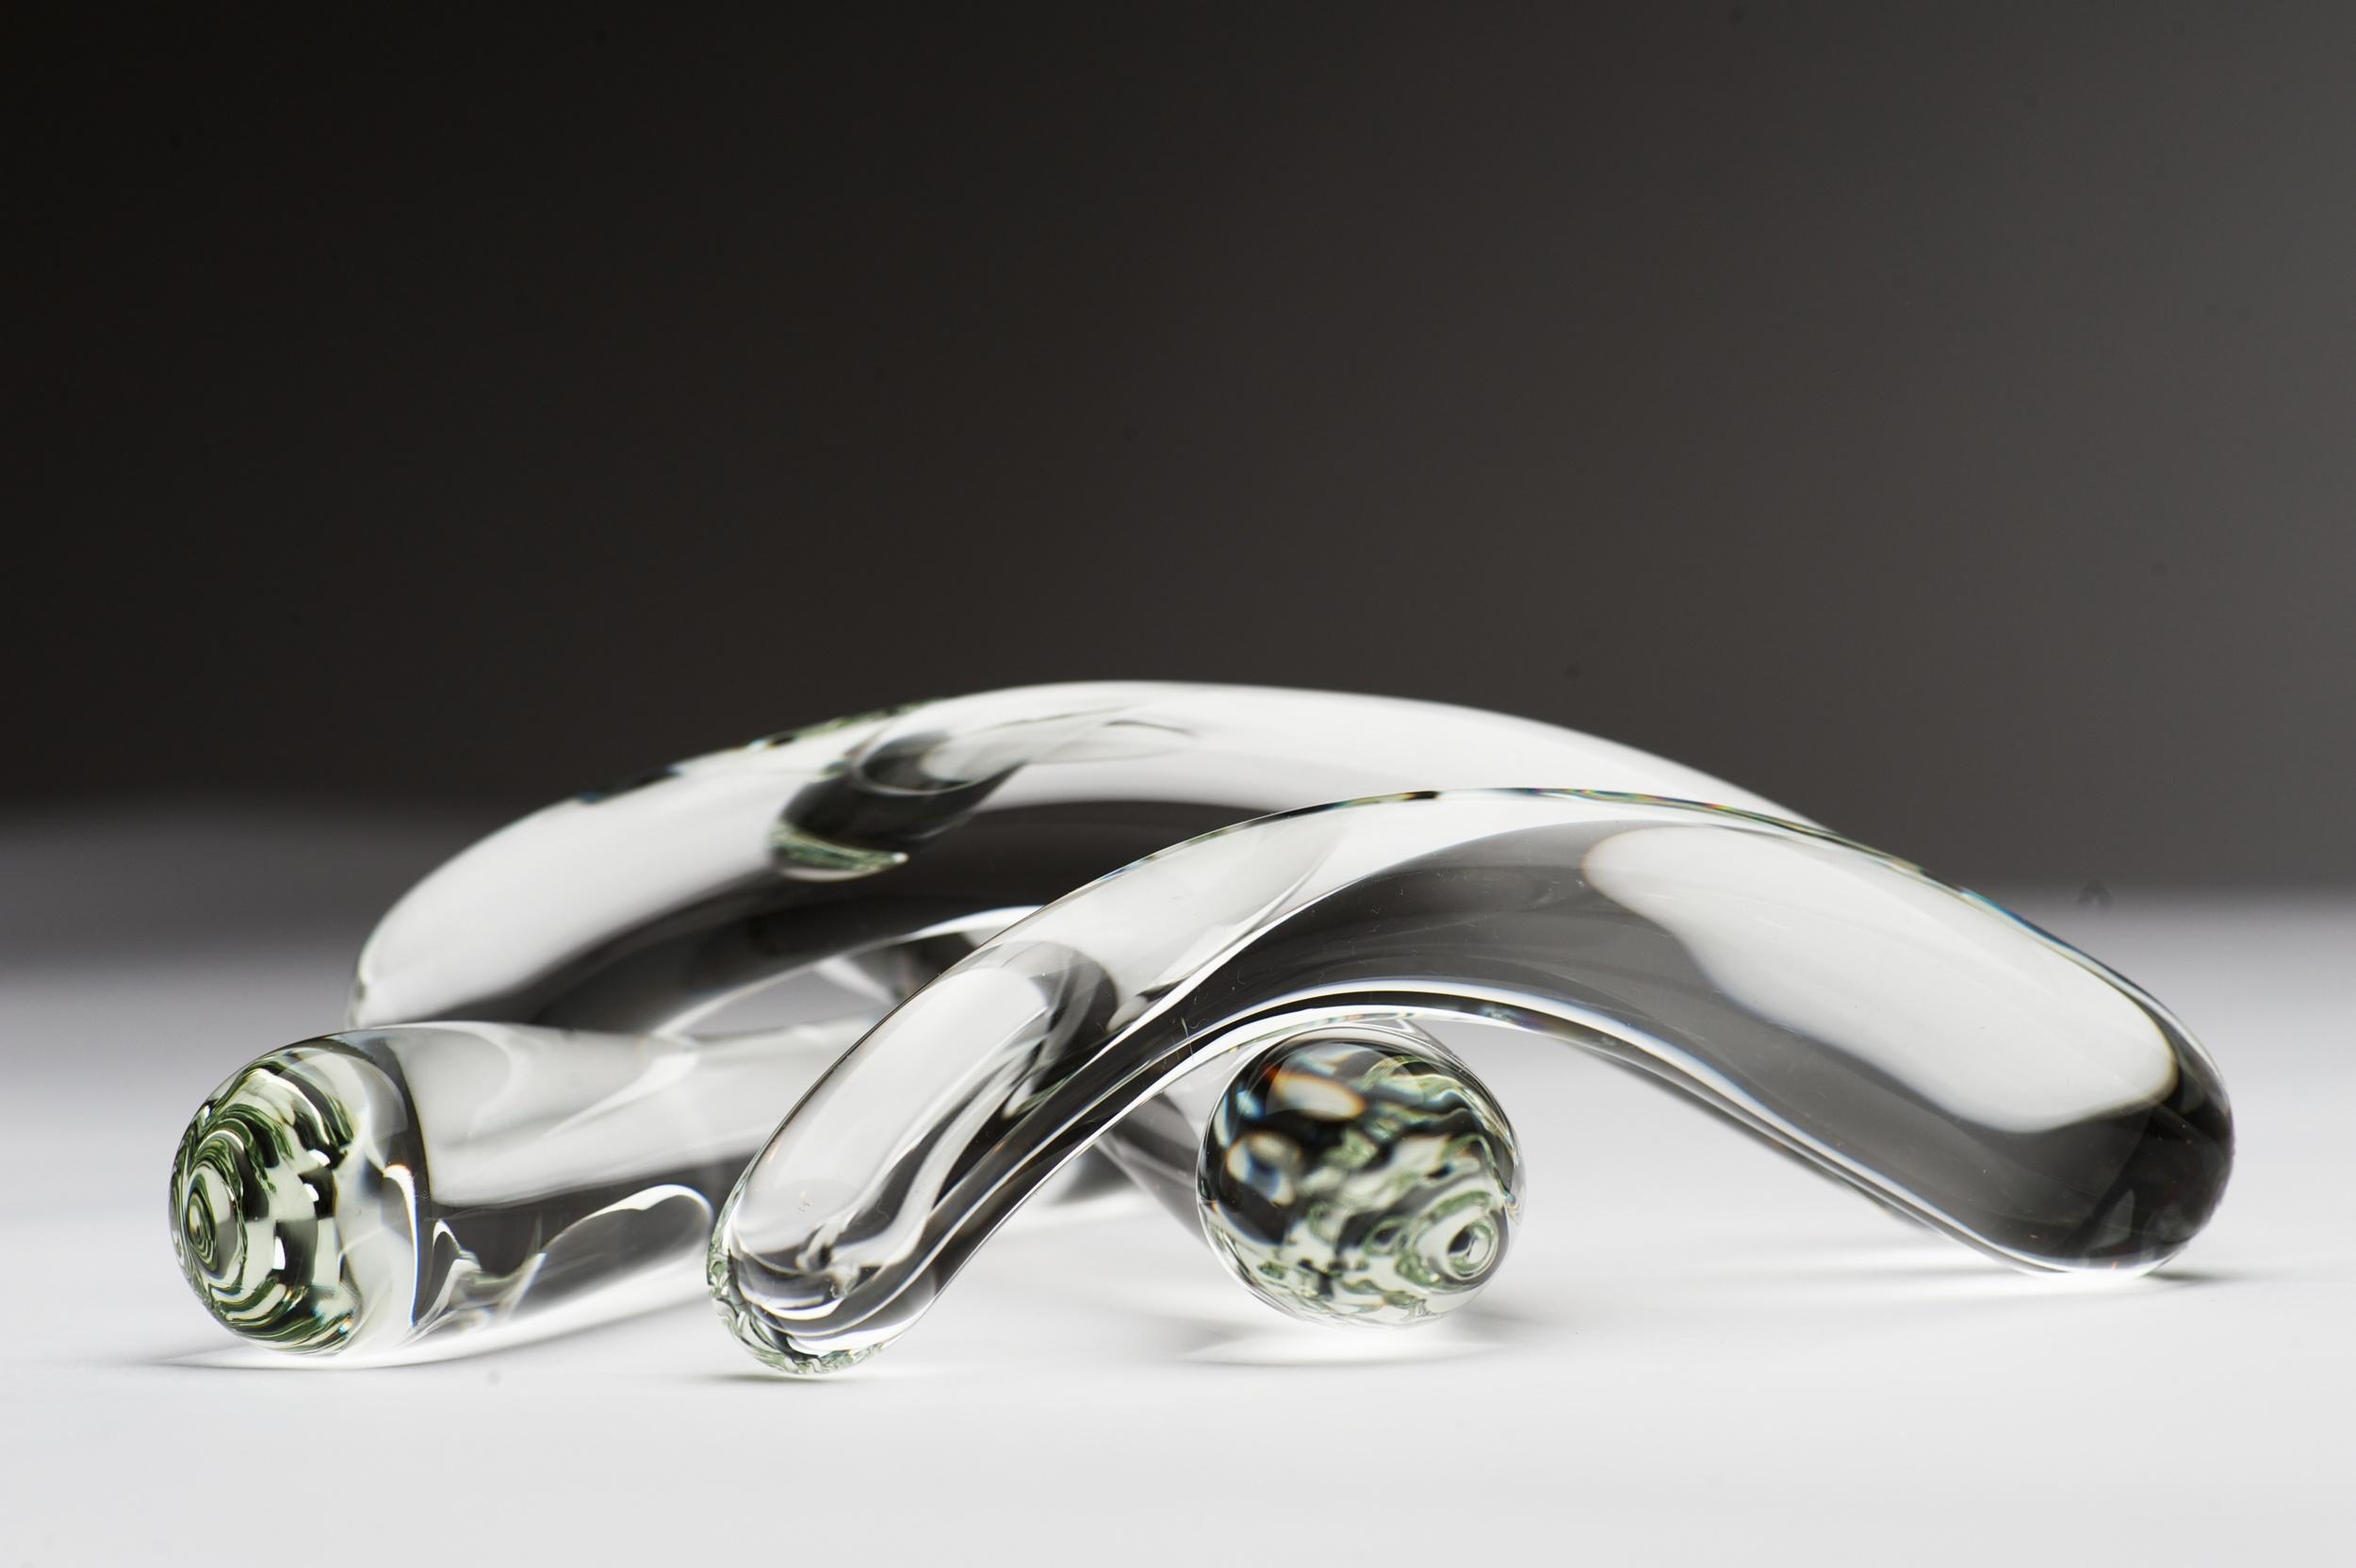 New Crave Glass: sculpture meets pleasure